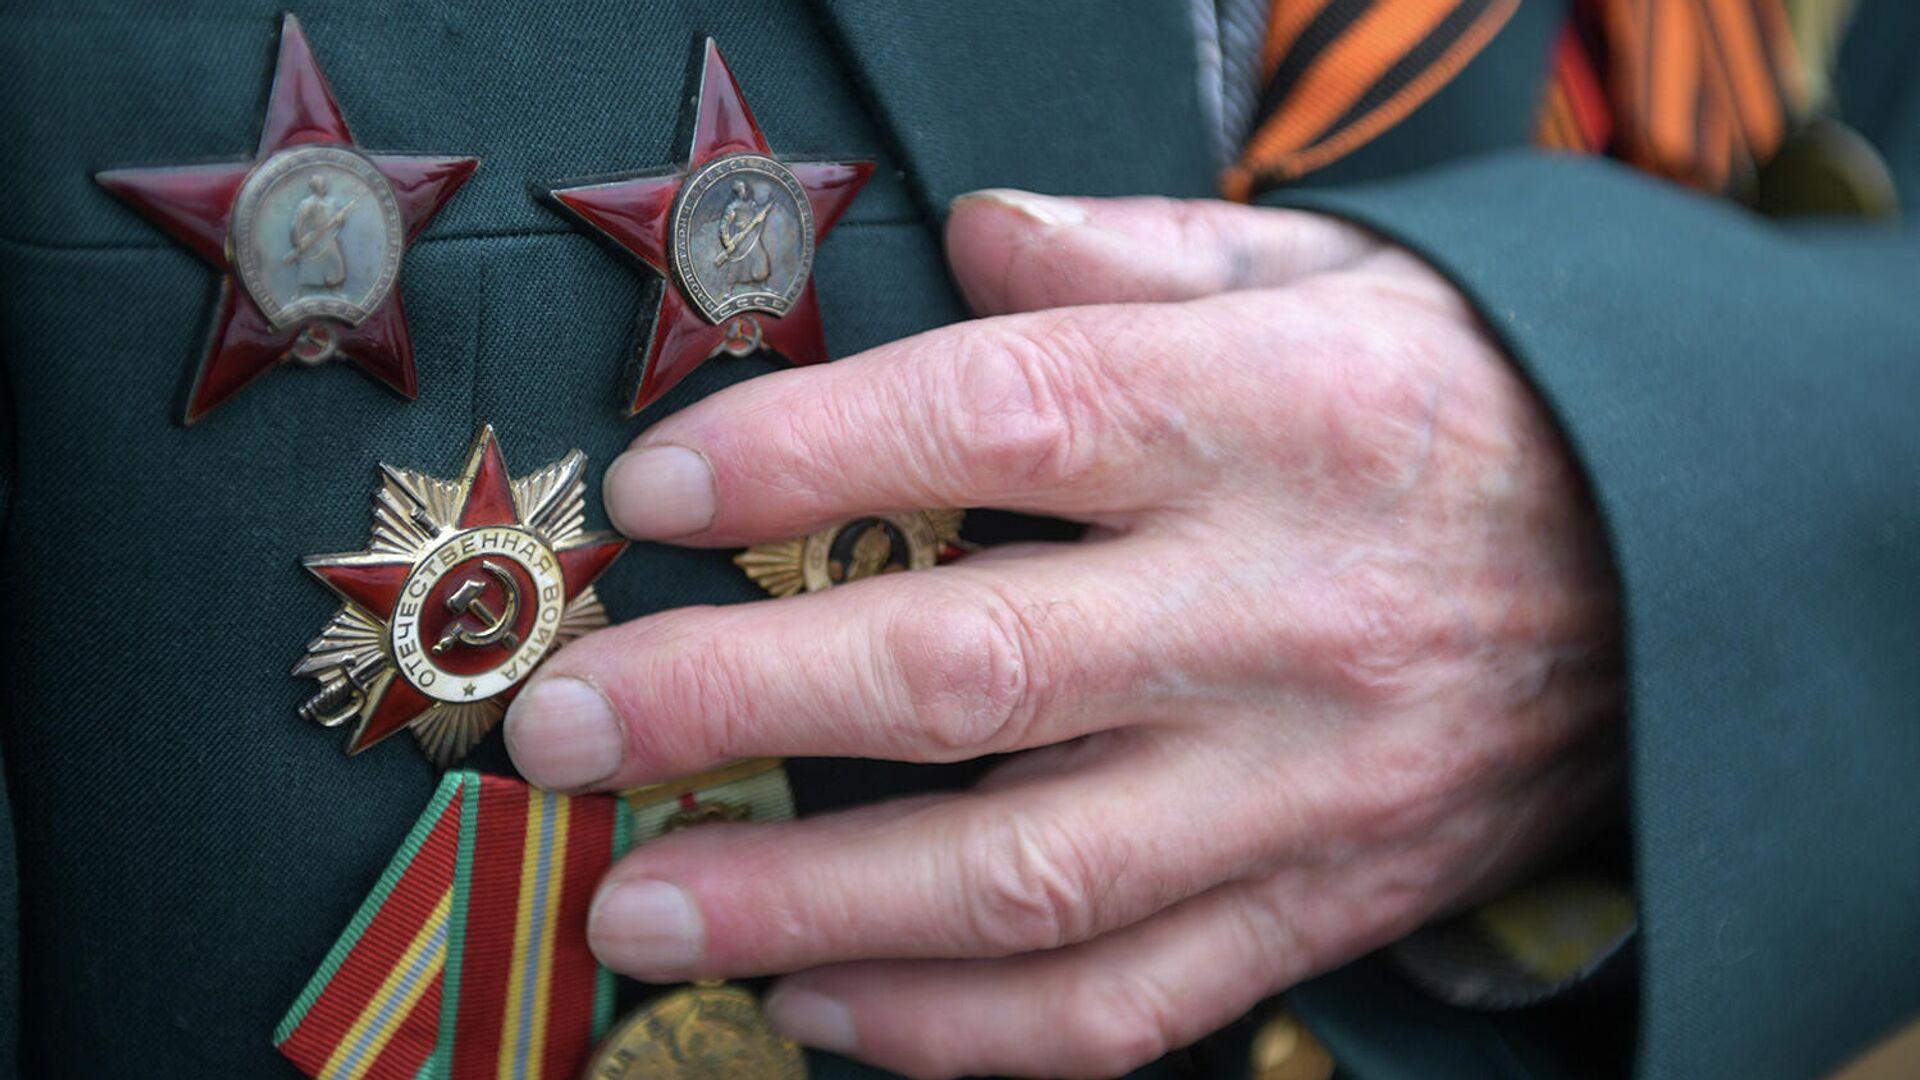 Боевые награды на груди ветерана Великой Отечественной войны - РИА Новости, 1920, 07.05.2021